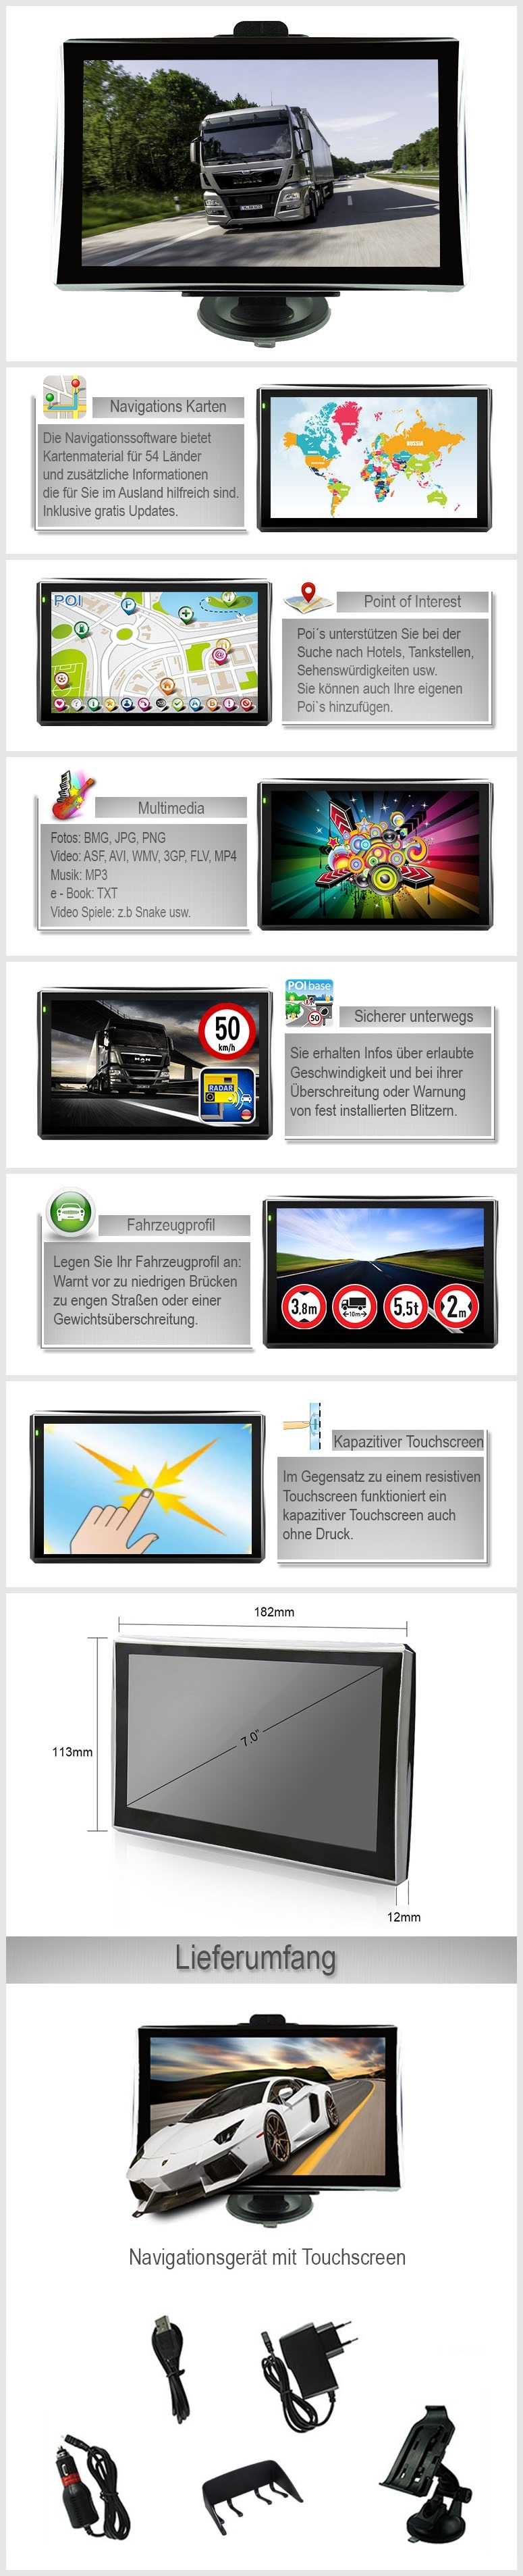 mediatek 7 zoll lkw pkw bus navi navigation. Black Bedroom Furniture Sets. Home Design Ideas